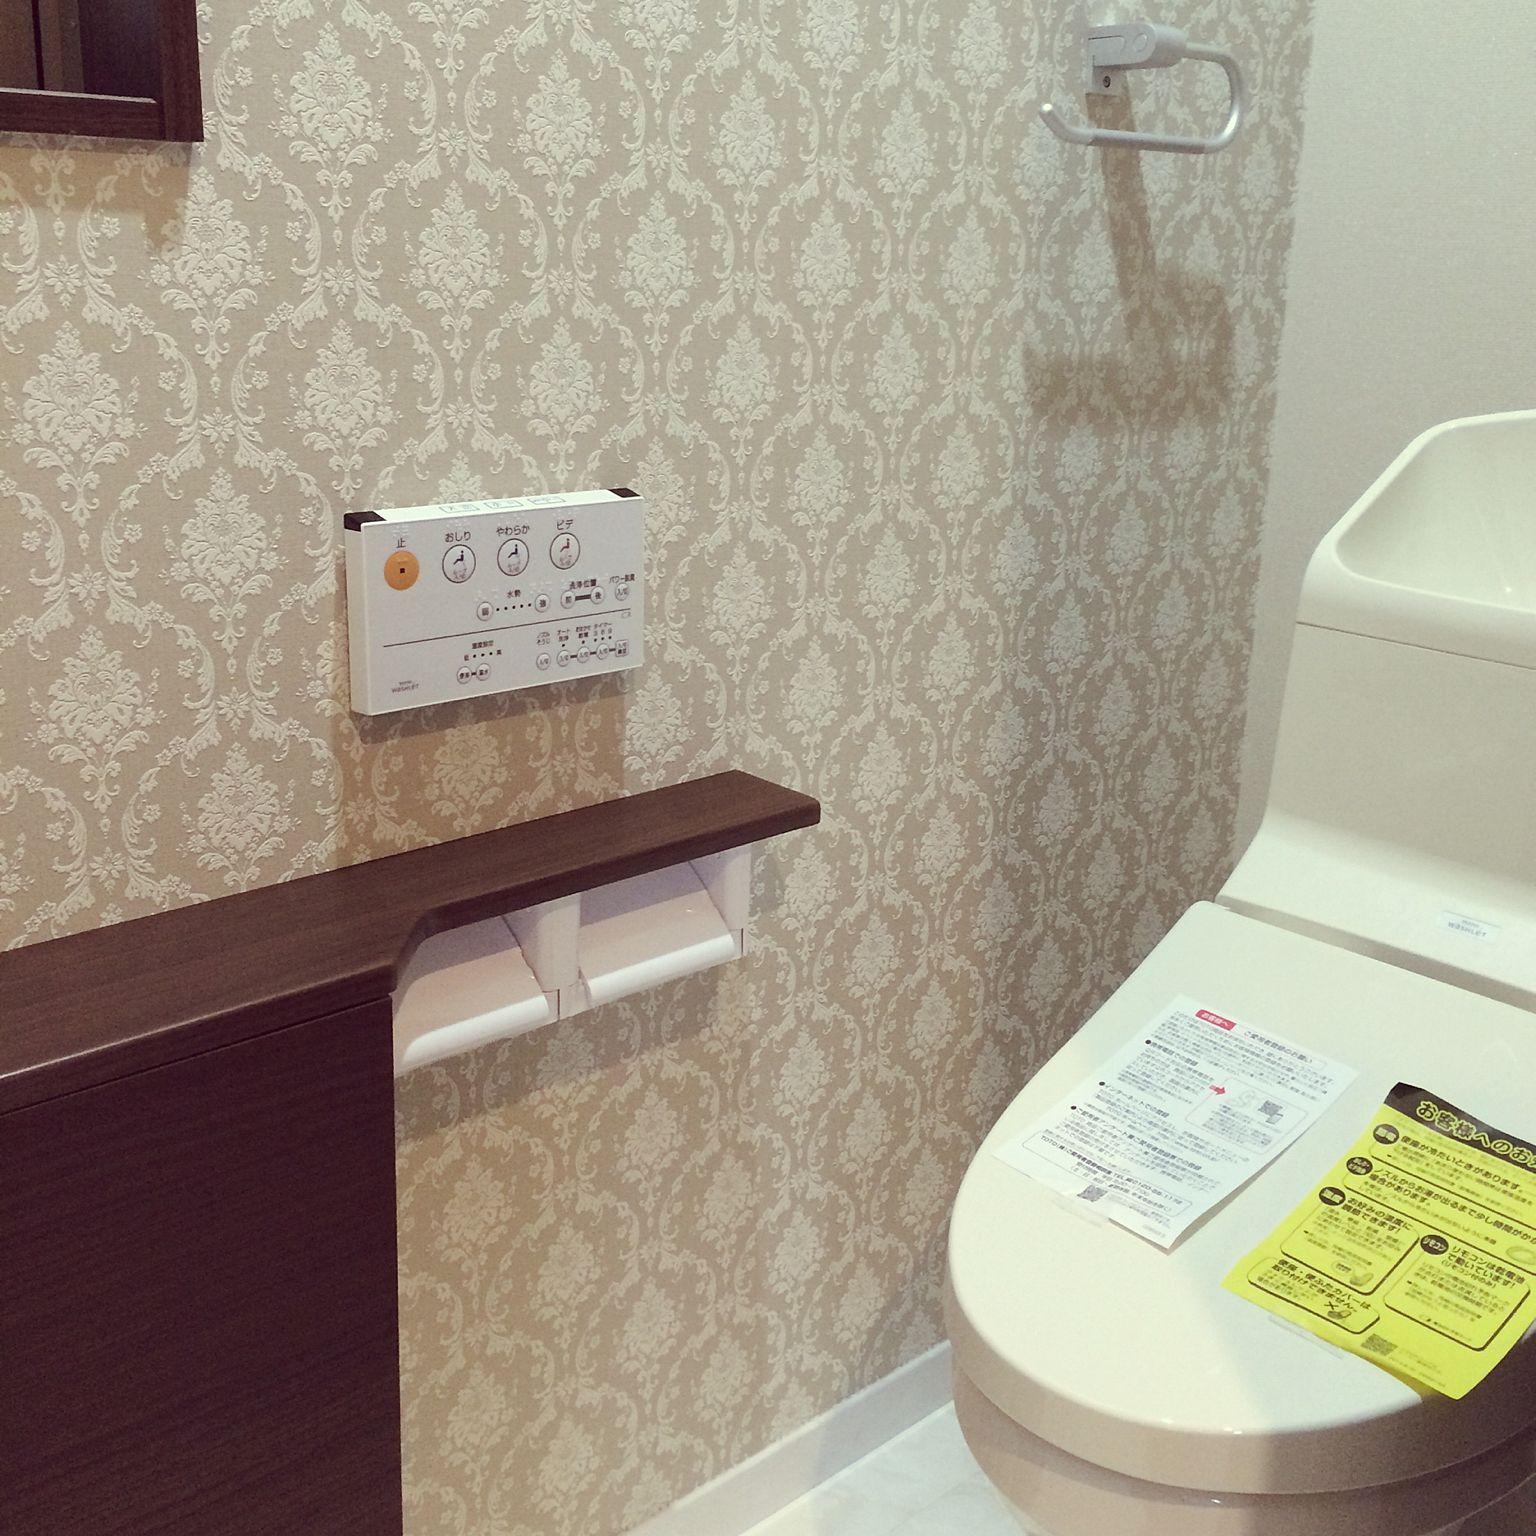 ダマスク柄クロス サンゲツ壁紙 バス トイレのインテリア実例 15 11 15 12 05 39 Roomclip ルームクリップ トイレのアイデア ダマスク柄 ダマスク